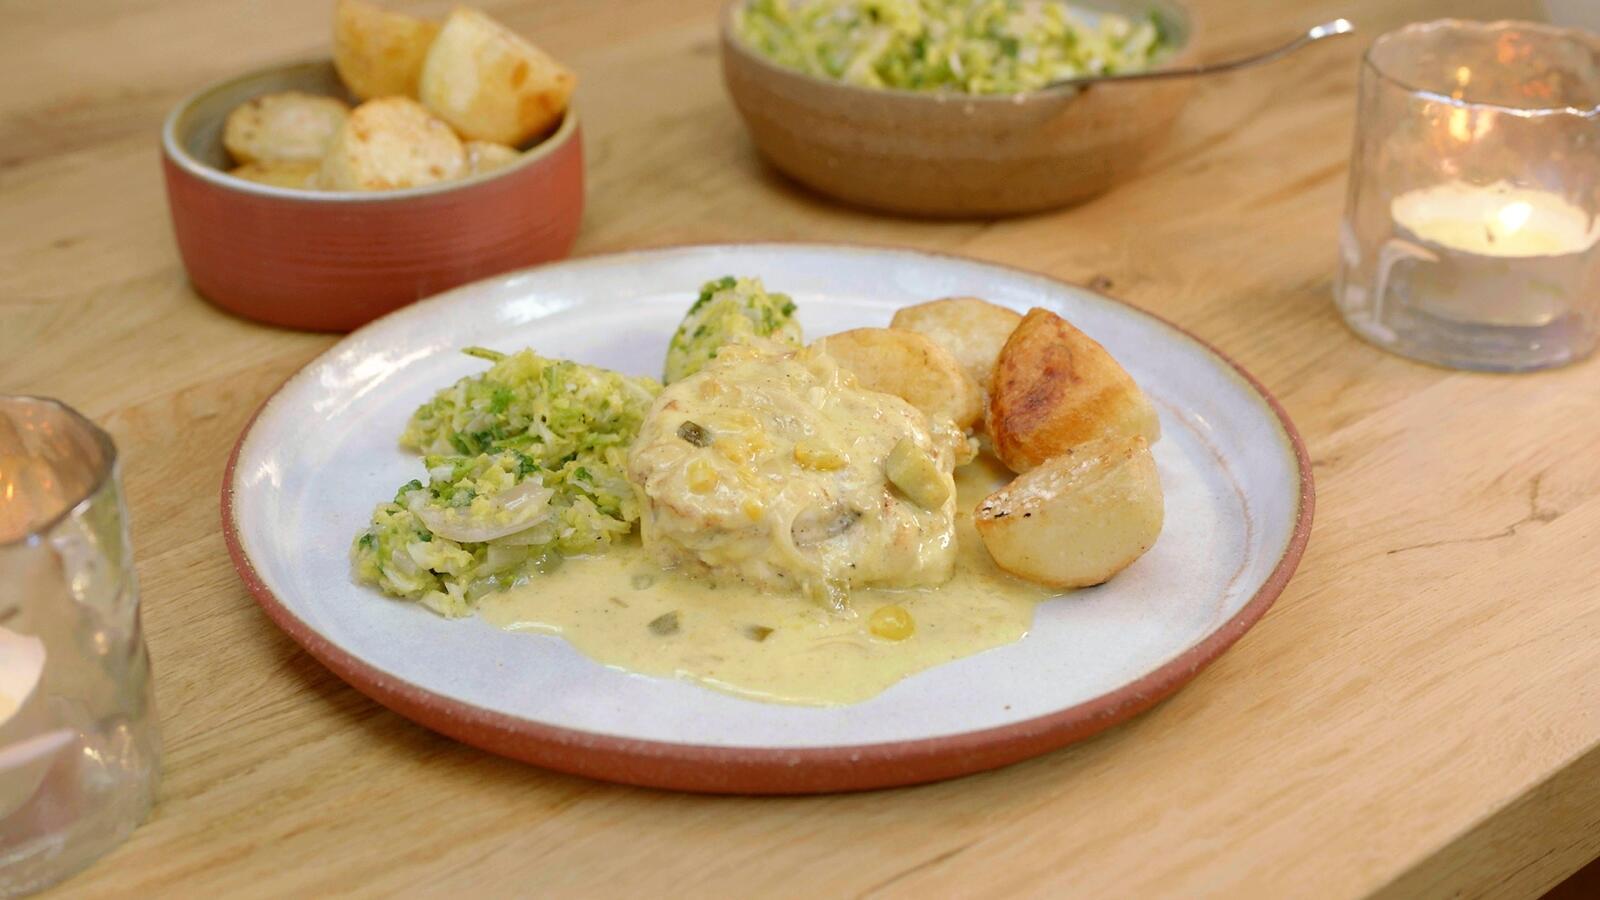 Zeeduivel cross and blackwell met groene kool en gebakken aardappelen